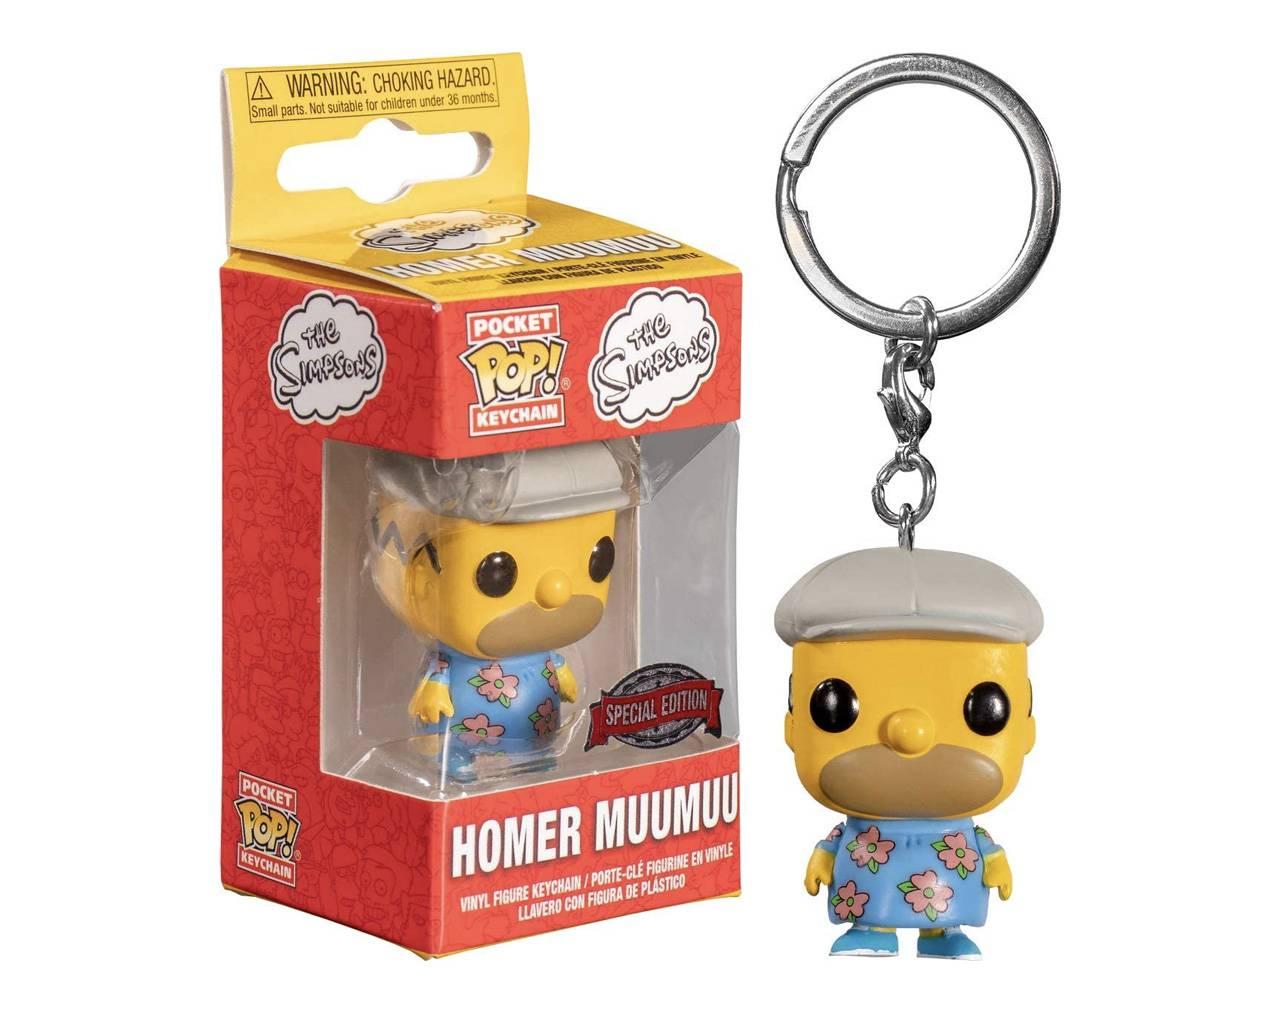 Homer Muumuu (Llavero) Pop! Vinyl